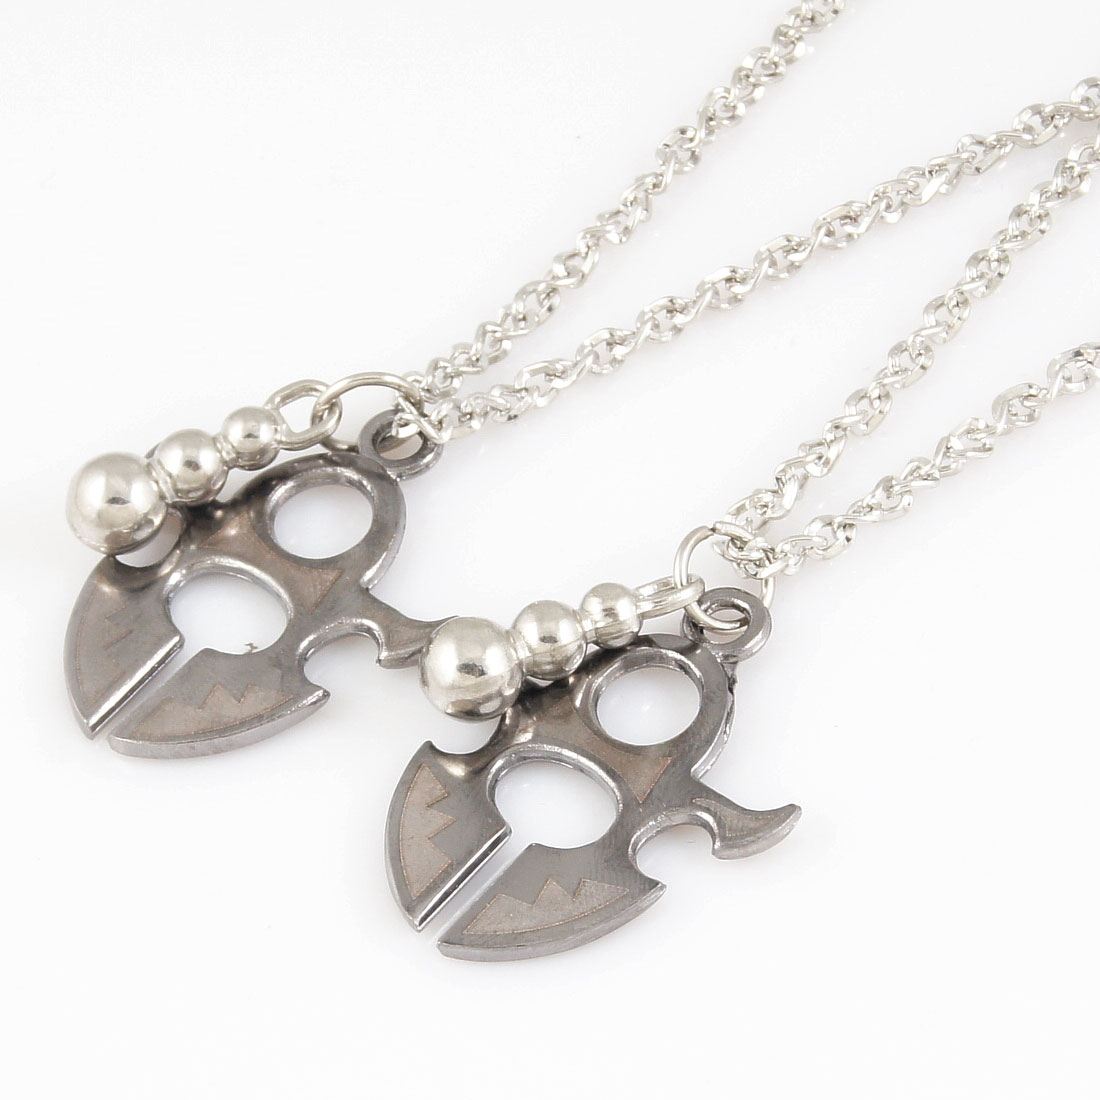 2 Pcs Couples Silver Tone Calabash Pendant Chain Chocker Necklace